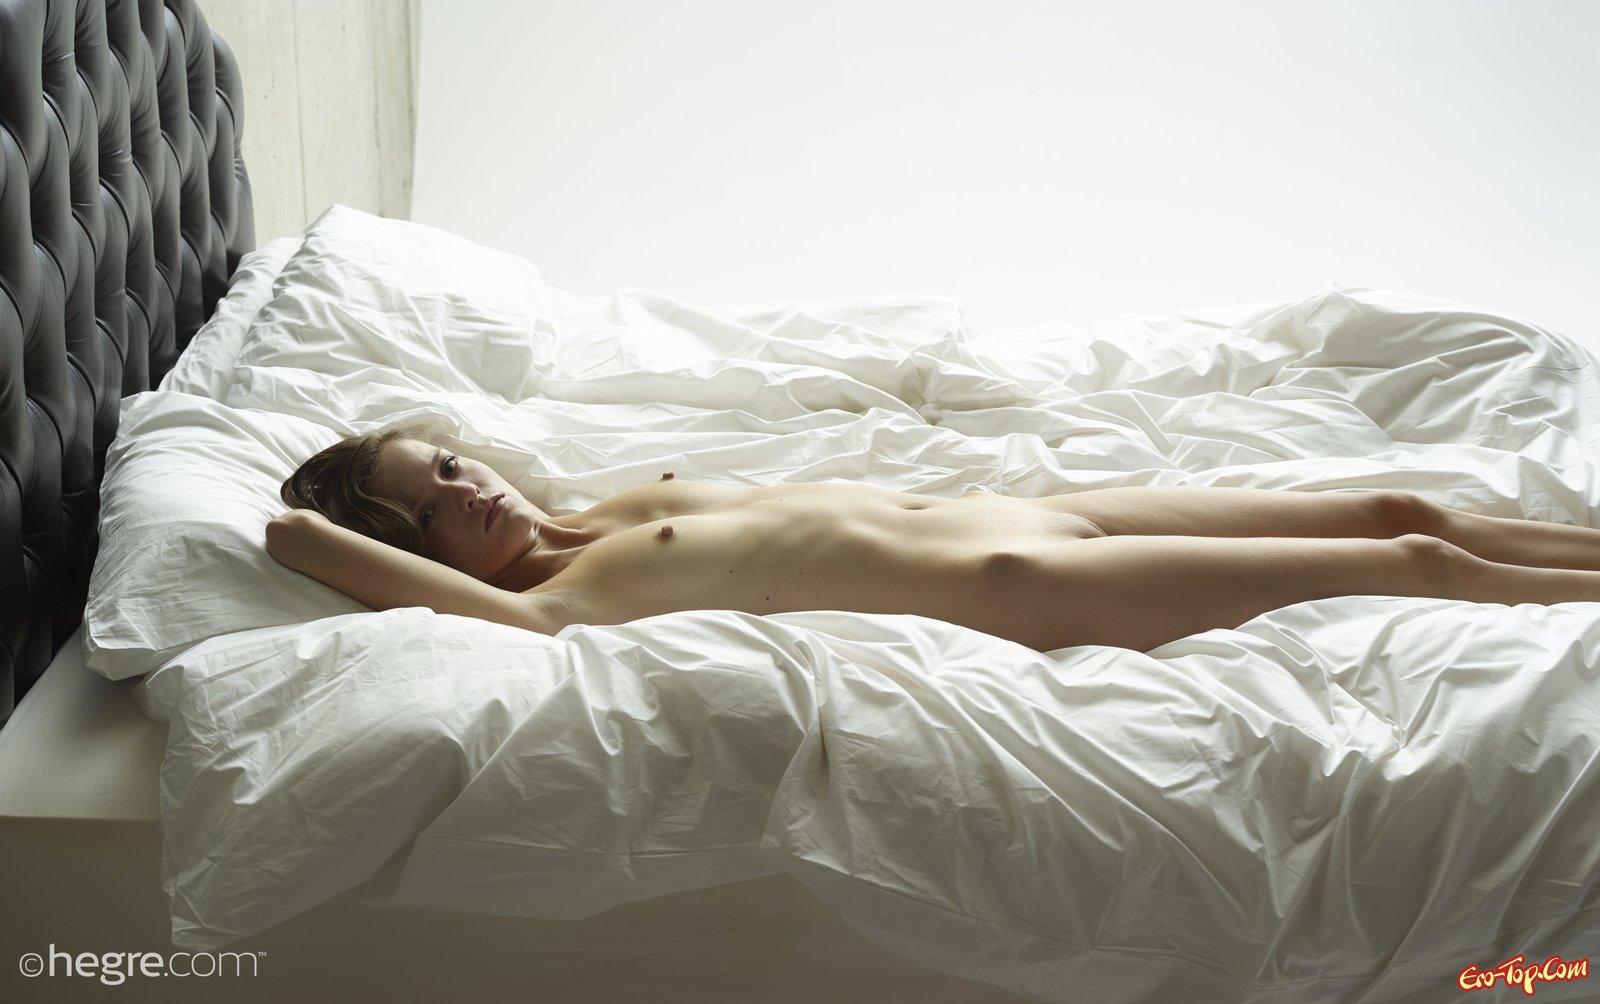 Чистенькая письку ощущает прикосновения вибратора в постели смотреть эротику